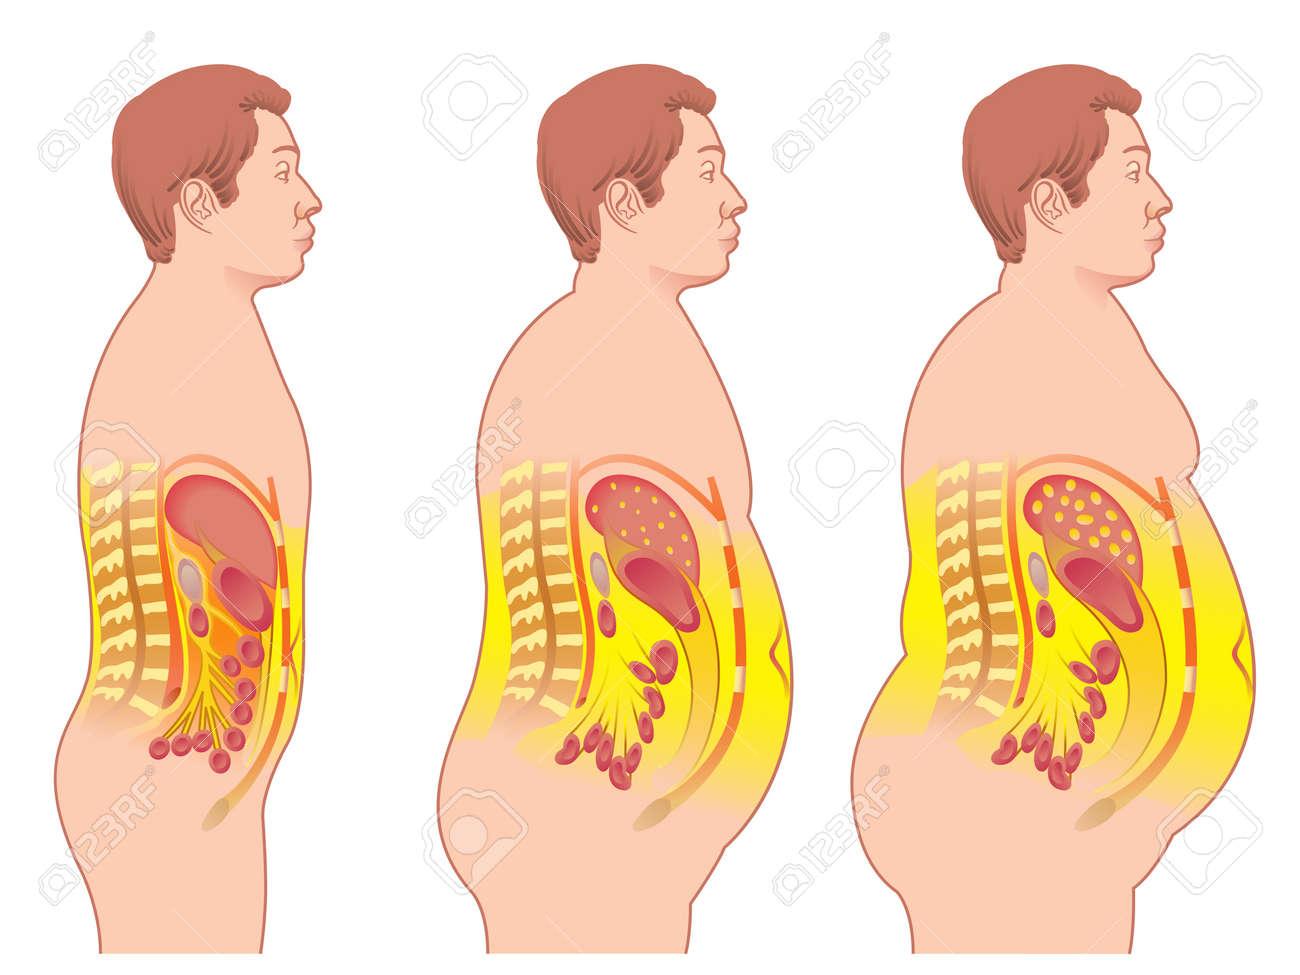 obesity Stock Vector - 20332580